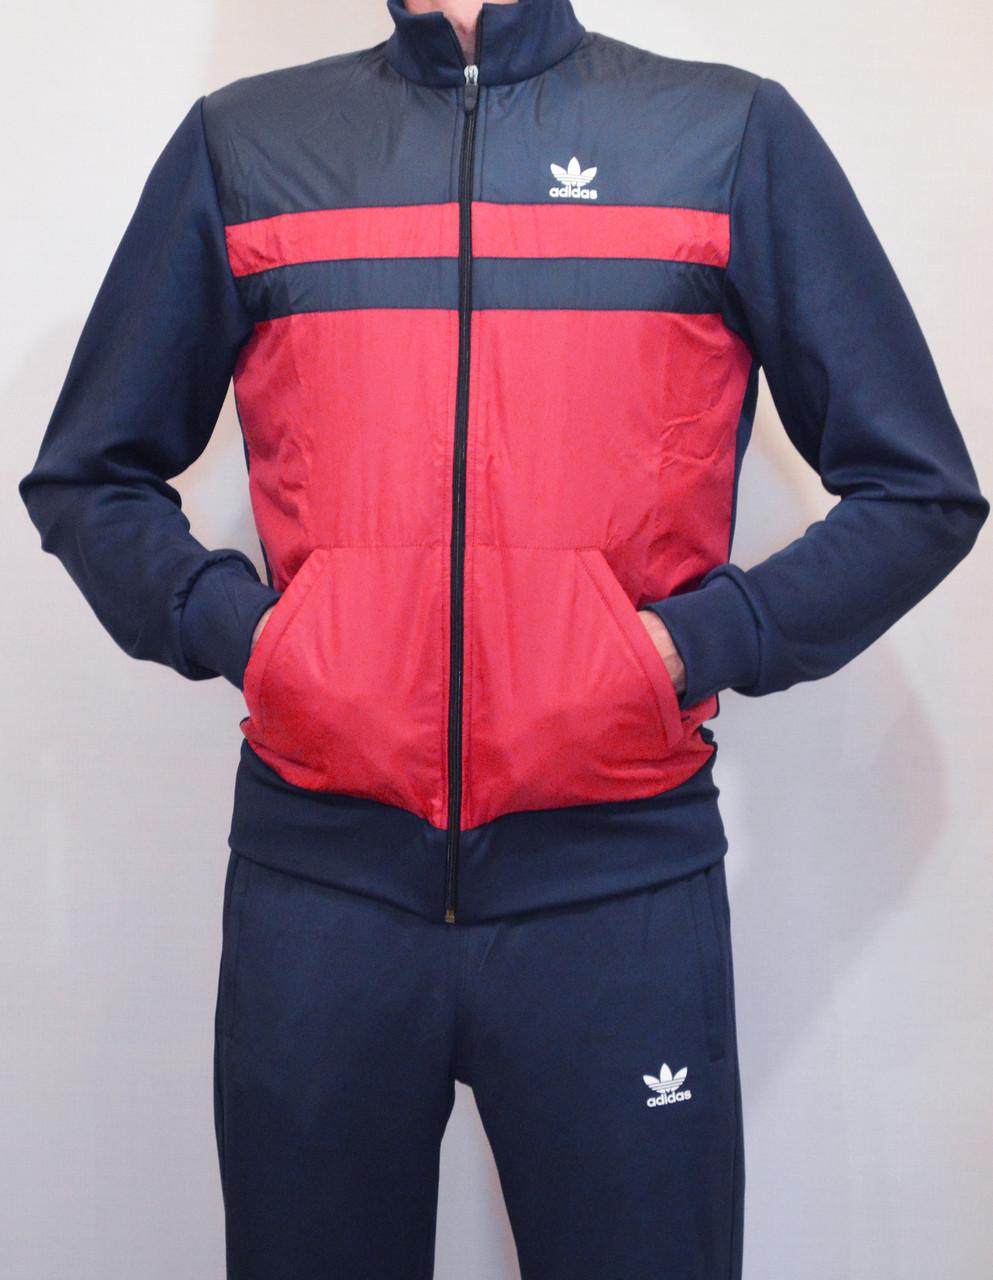 Мужской спортивный костюм эластик Adidas№1415 (2XL) (Реплика) (Реплика) 4eab02fe4a9